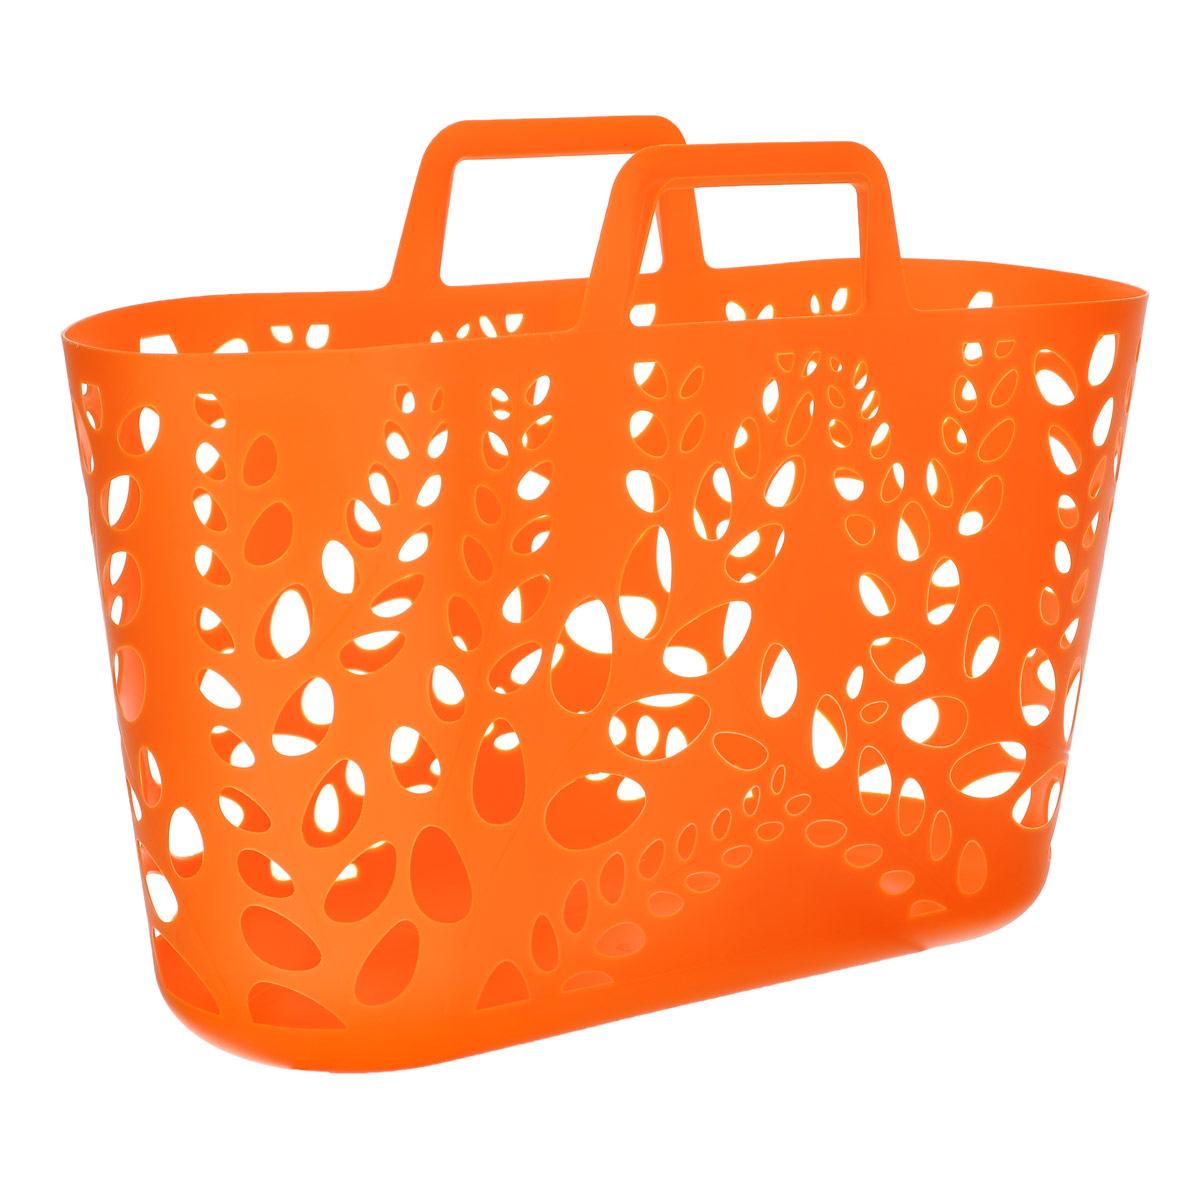 Корзина универсальная Econova, цвет: оранжевый, 55 см х 17 см х 39,5 см корзинка универсальная econova с ручками цвет красный 19 х 18 5 х 23 см